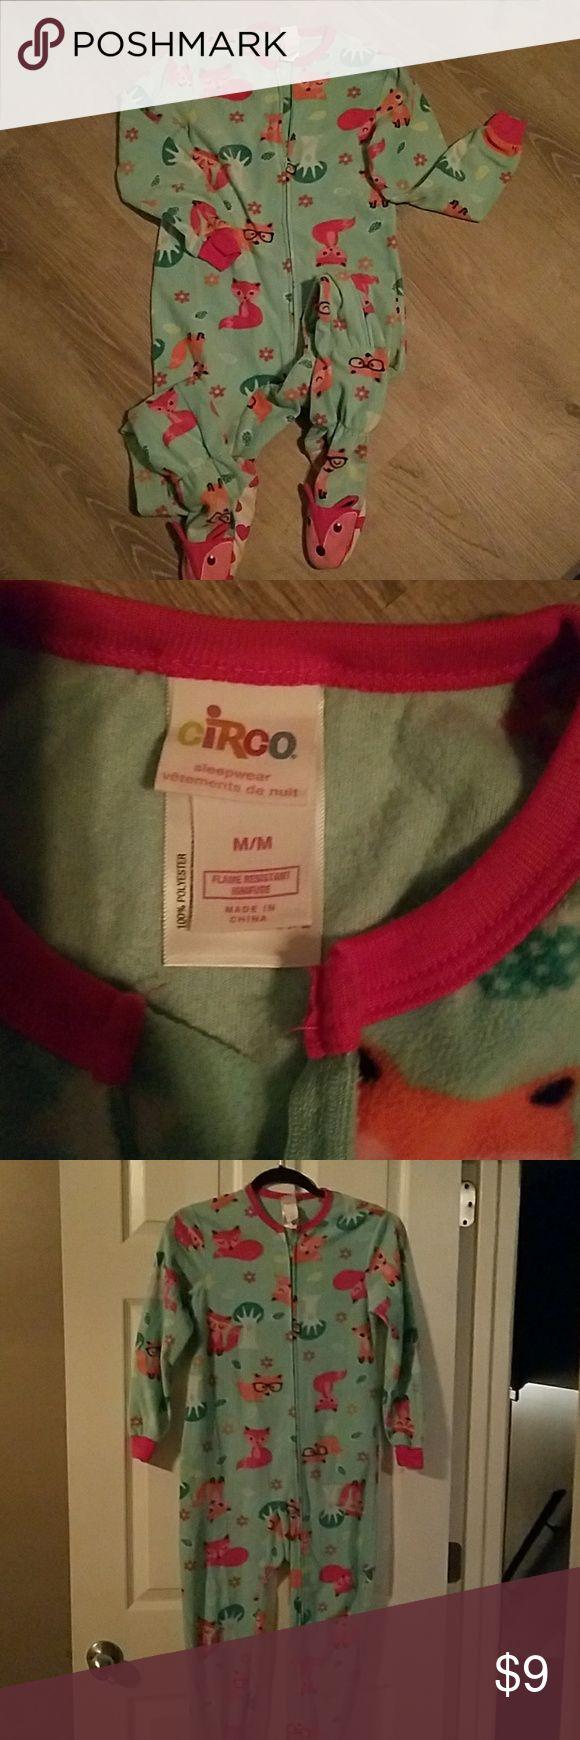 Circo Pajamas Girls Circo Fox Print Pajamas  Size M Circo Pajamas Pajama Sets